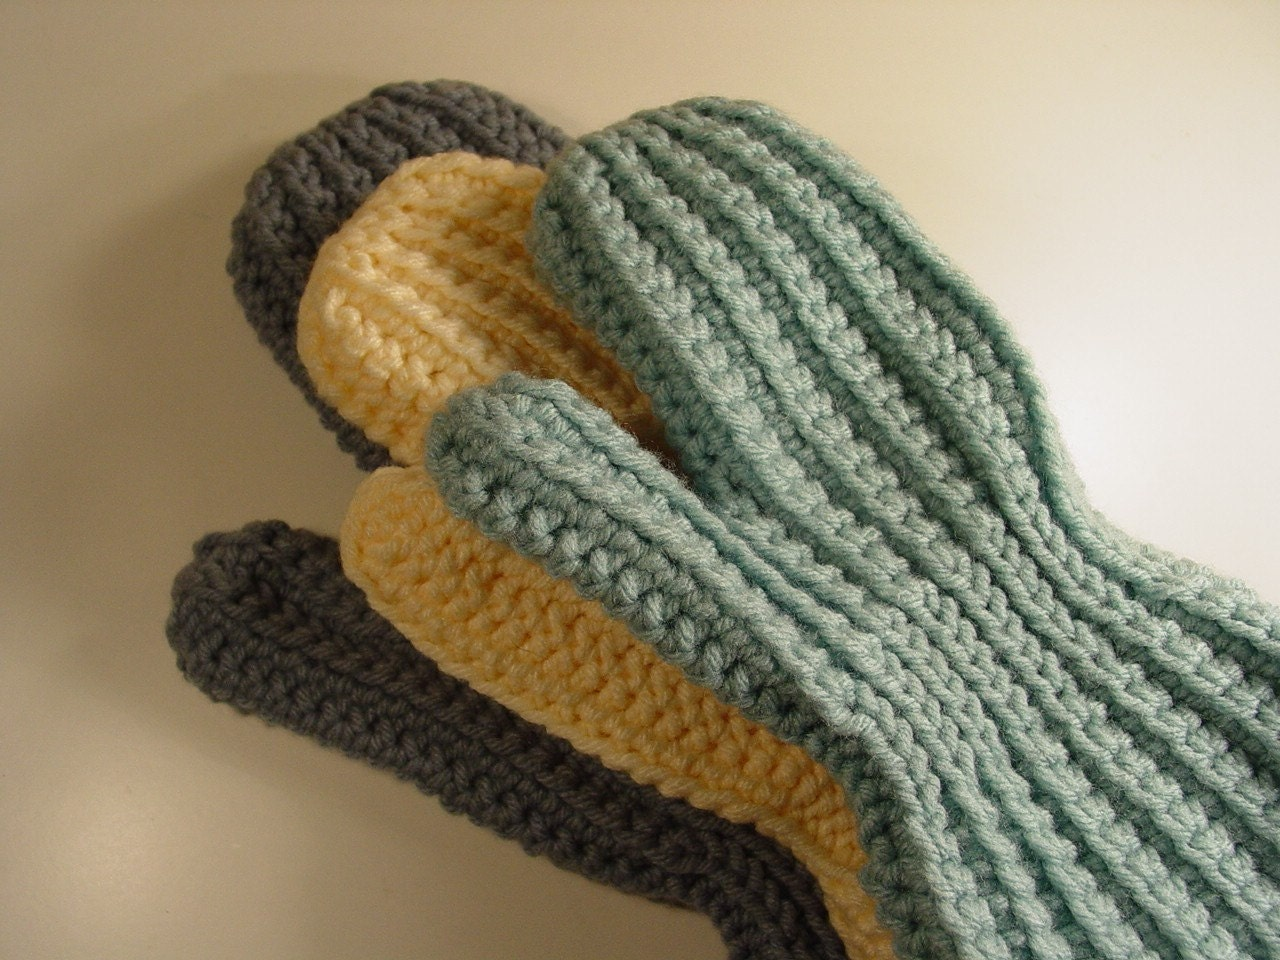 Crochet Mitten Pattern Beginners : Easy Sideways Crochet Mittens Pattern pdf by madcowdog on Etsy